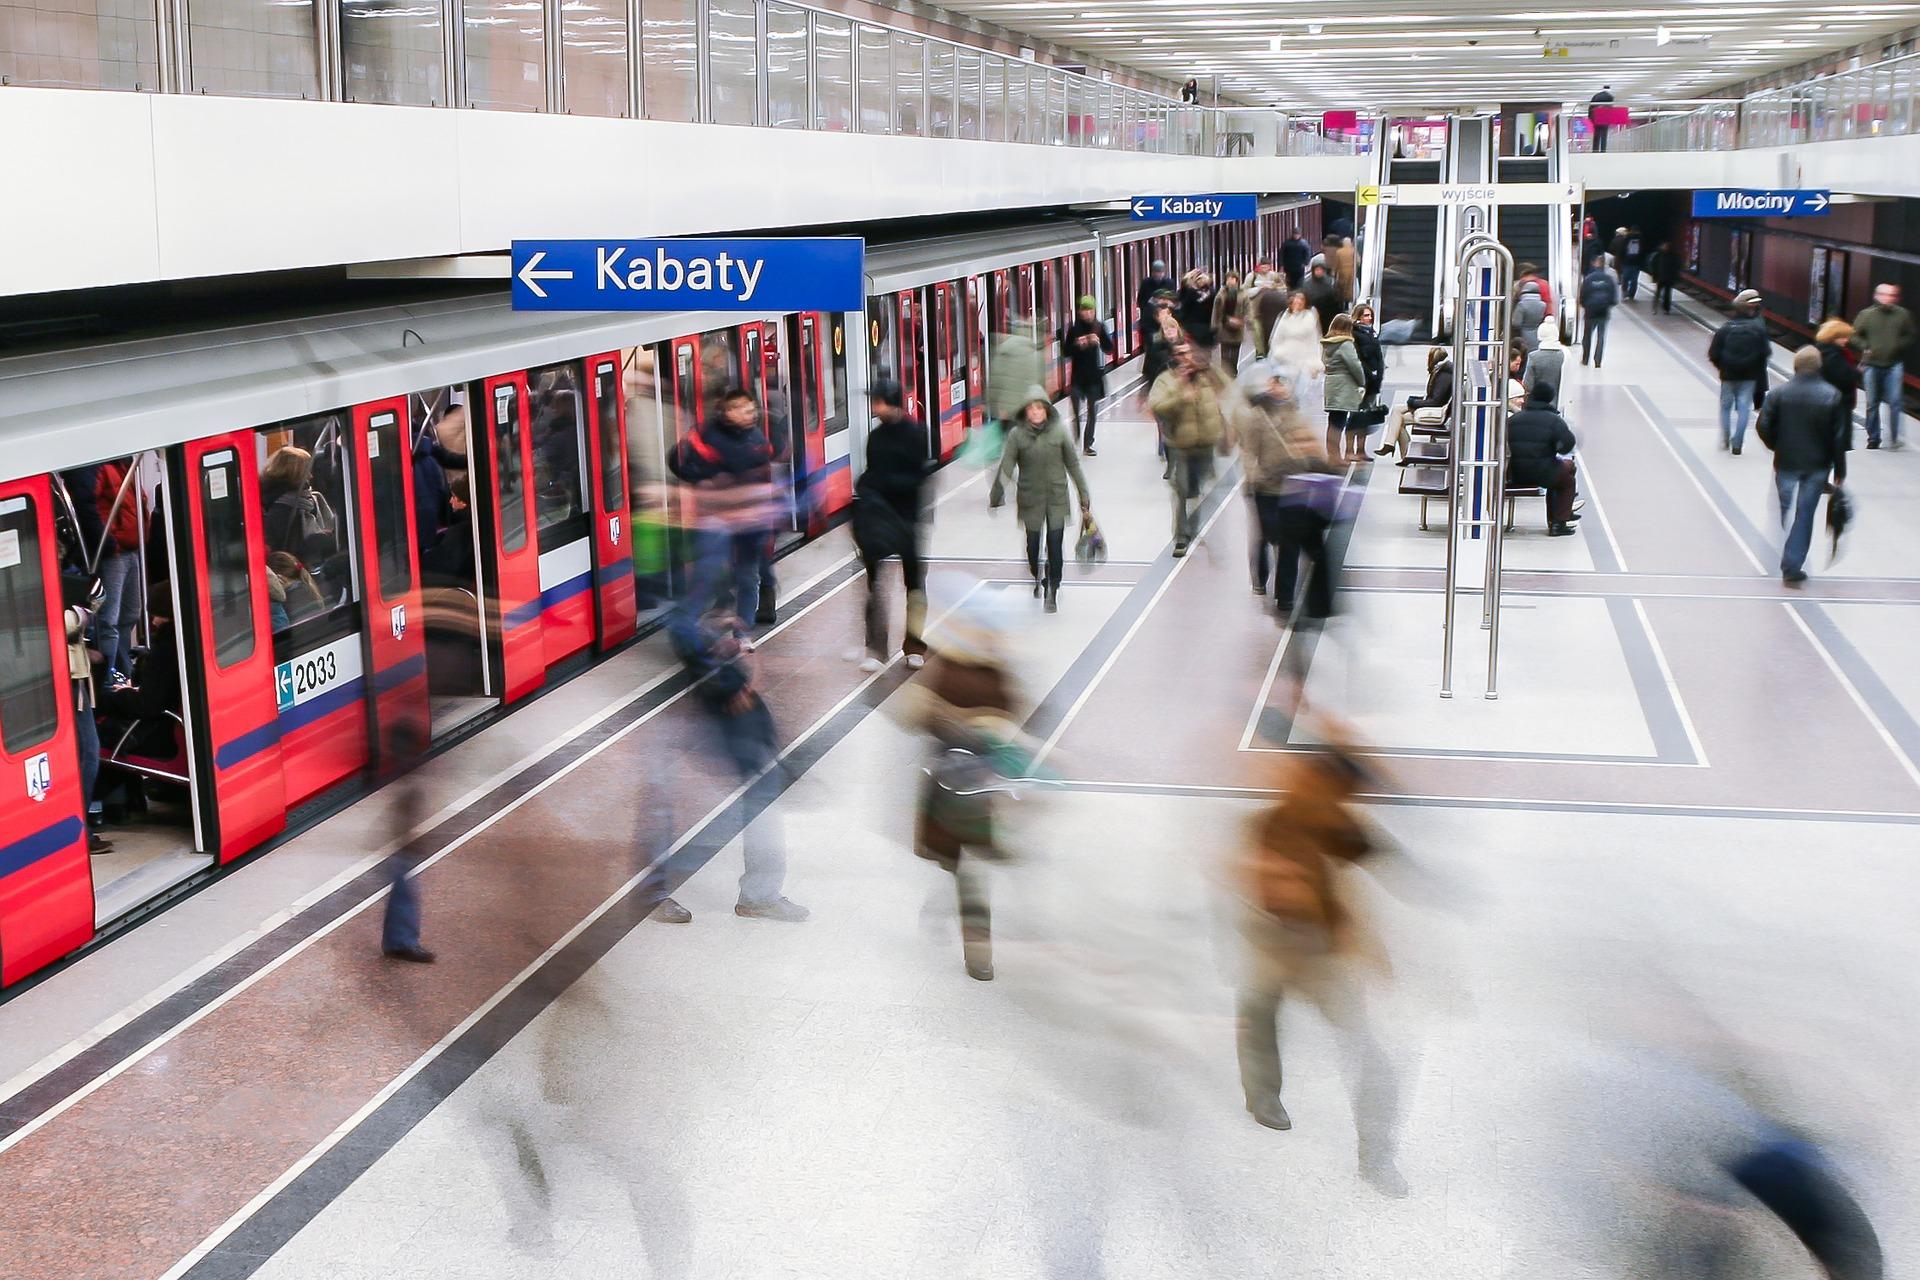 View on Kabaty Metro, Poland